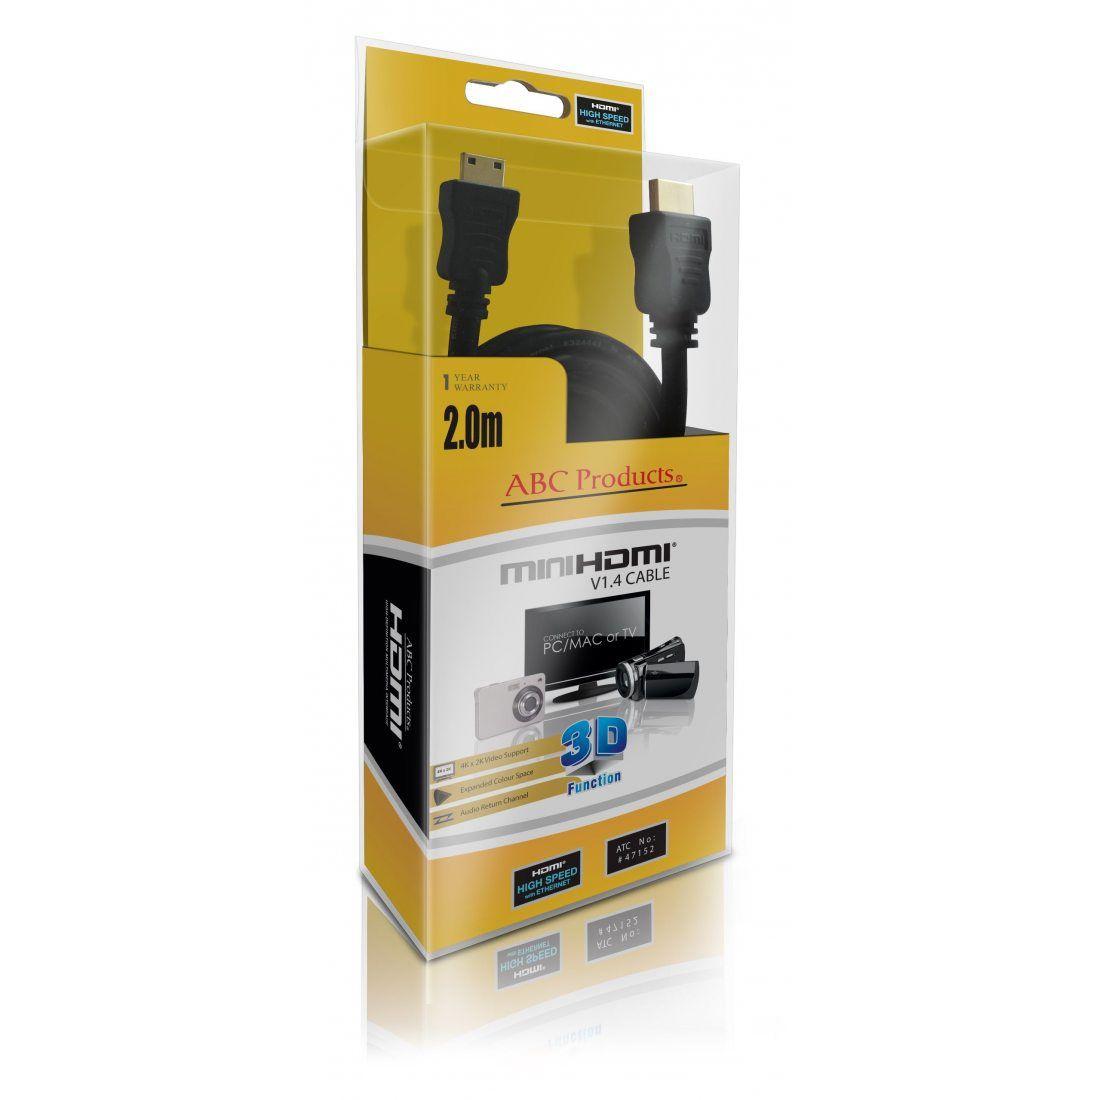 ABC Products® Remplacement Panasonic Mini C HD HDMI Câble Pour la plupart Lumix Appareil Photo Numérique (modèles indiqués ci